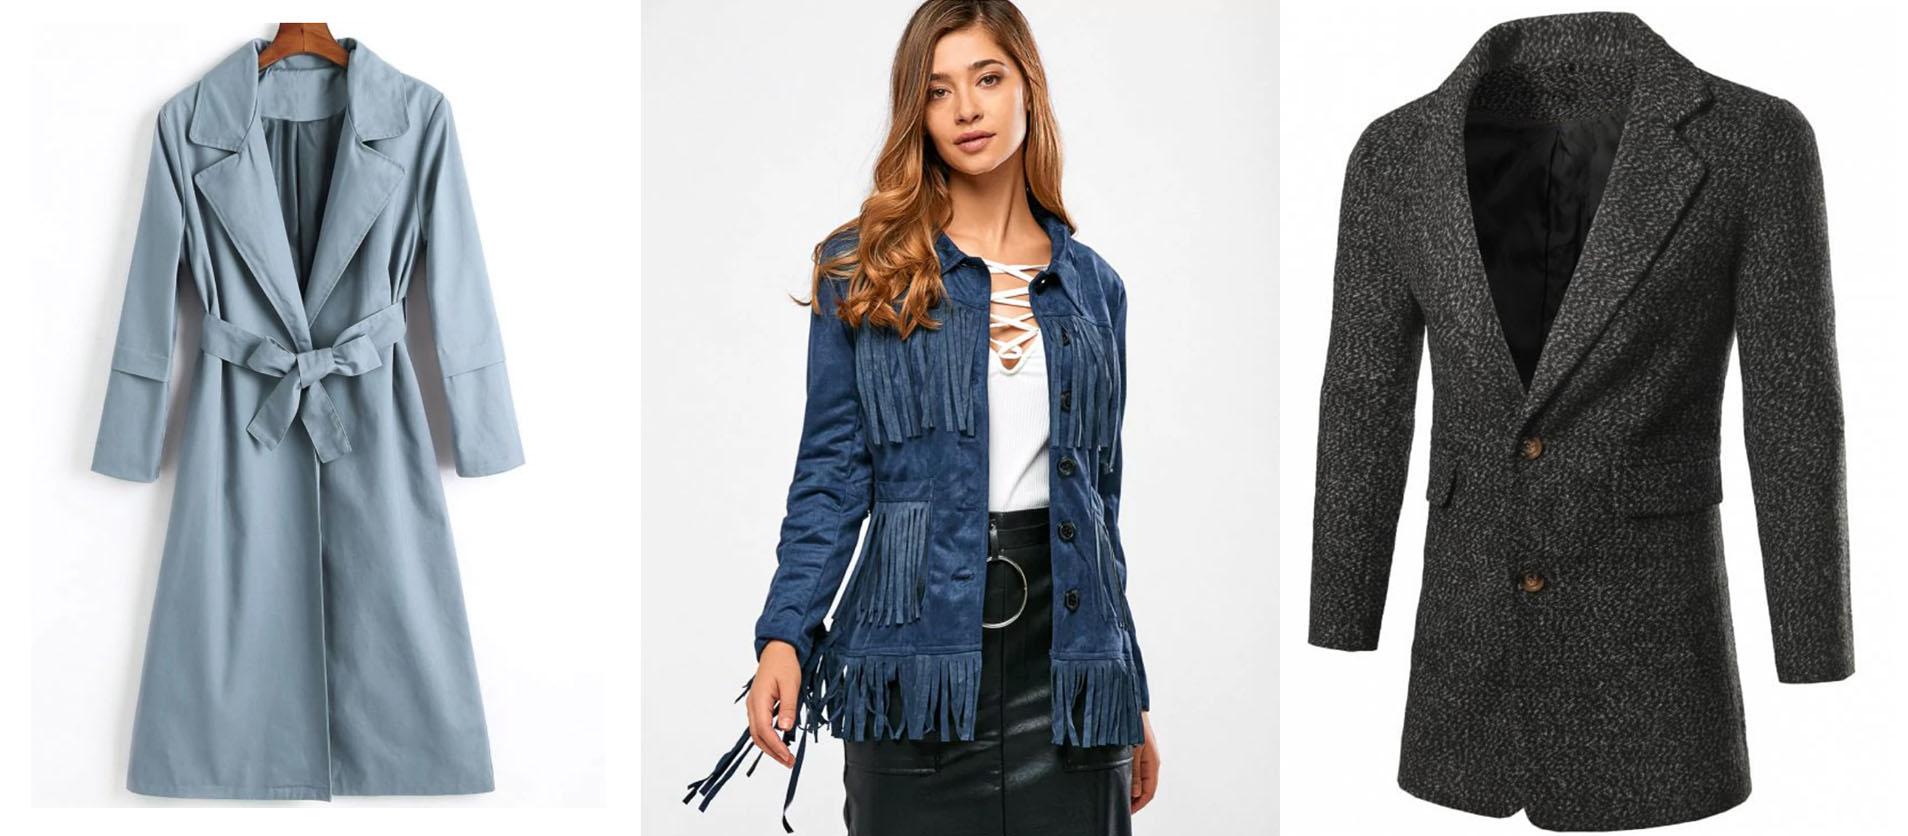 b38d87259a Trench coat é o clássico dos casacos. E esse de azul clarinho achei muito  lindo